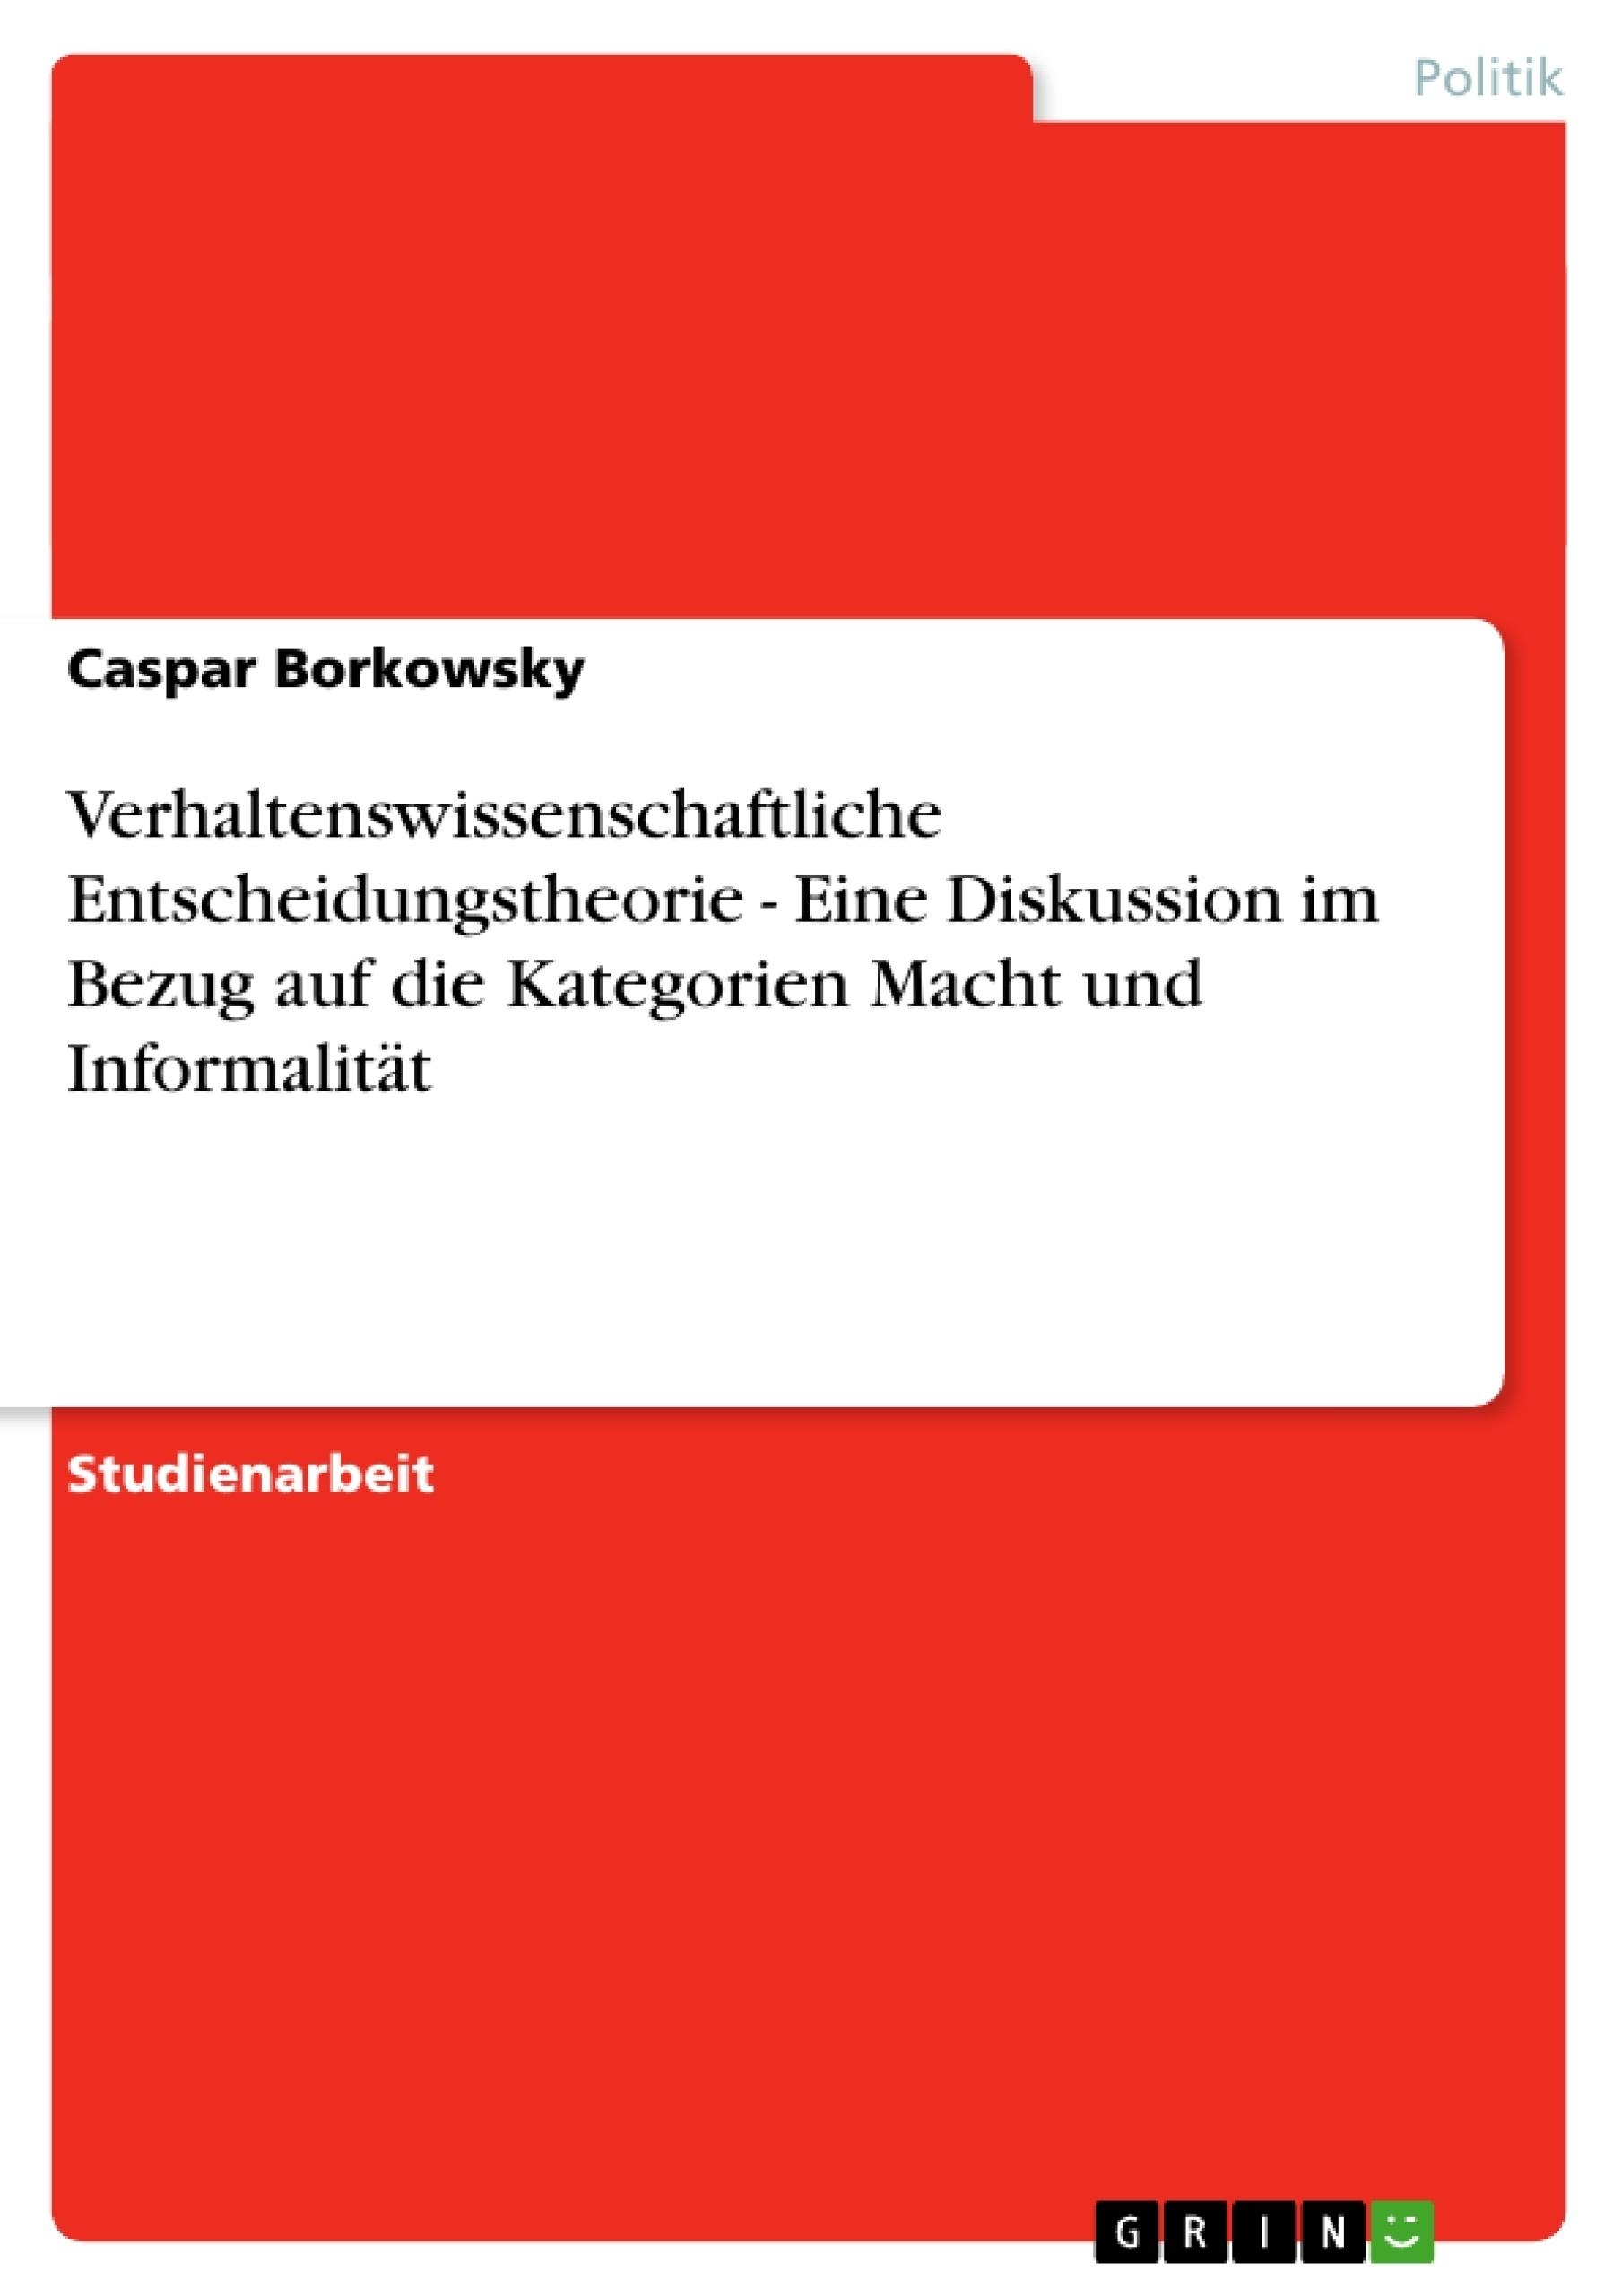 Titel: Verhaltenswissenschaftliche Entscheidungstheorie - Eine Diskussion im Bezug auf die Kategorien Macht und Informalität